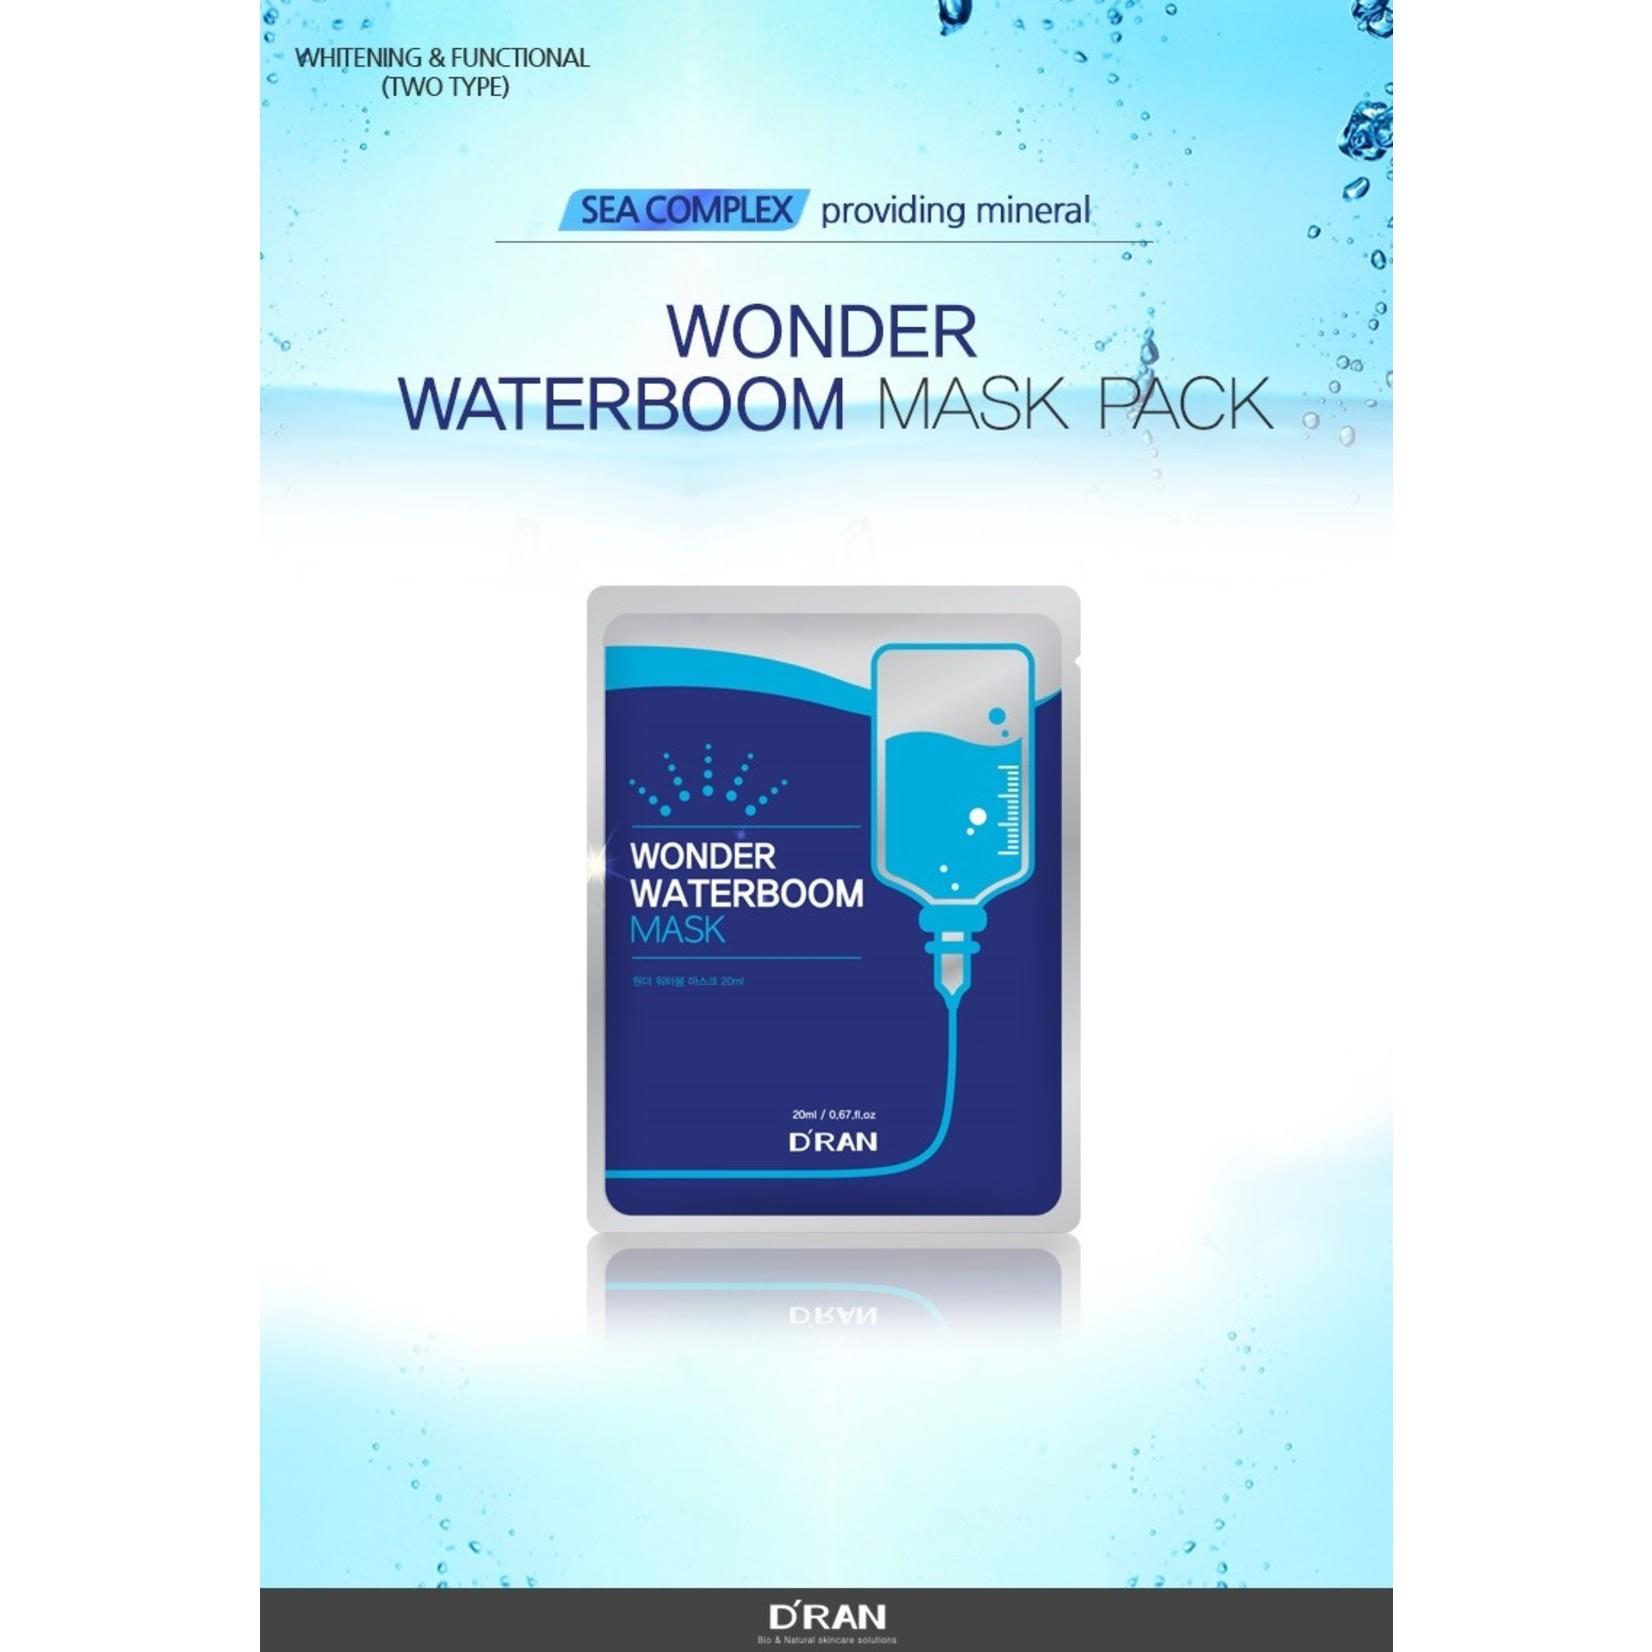 D'RAN Wonder Waterboom Mask